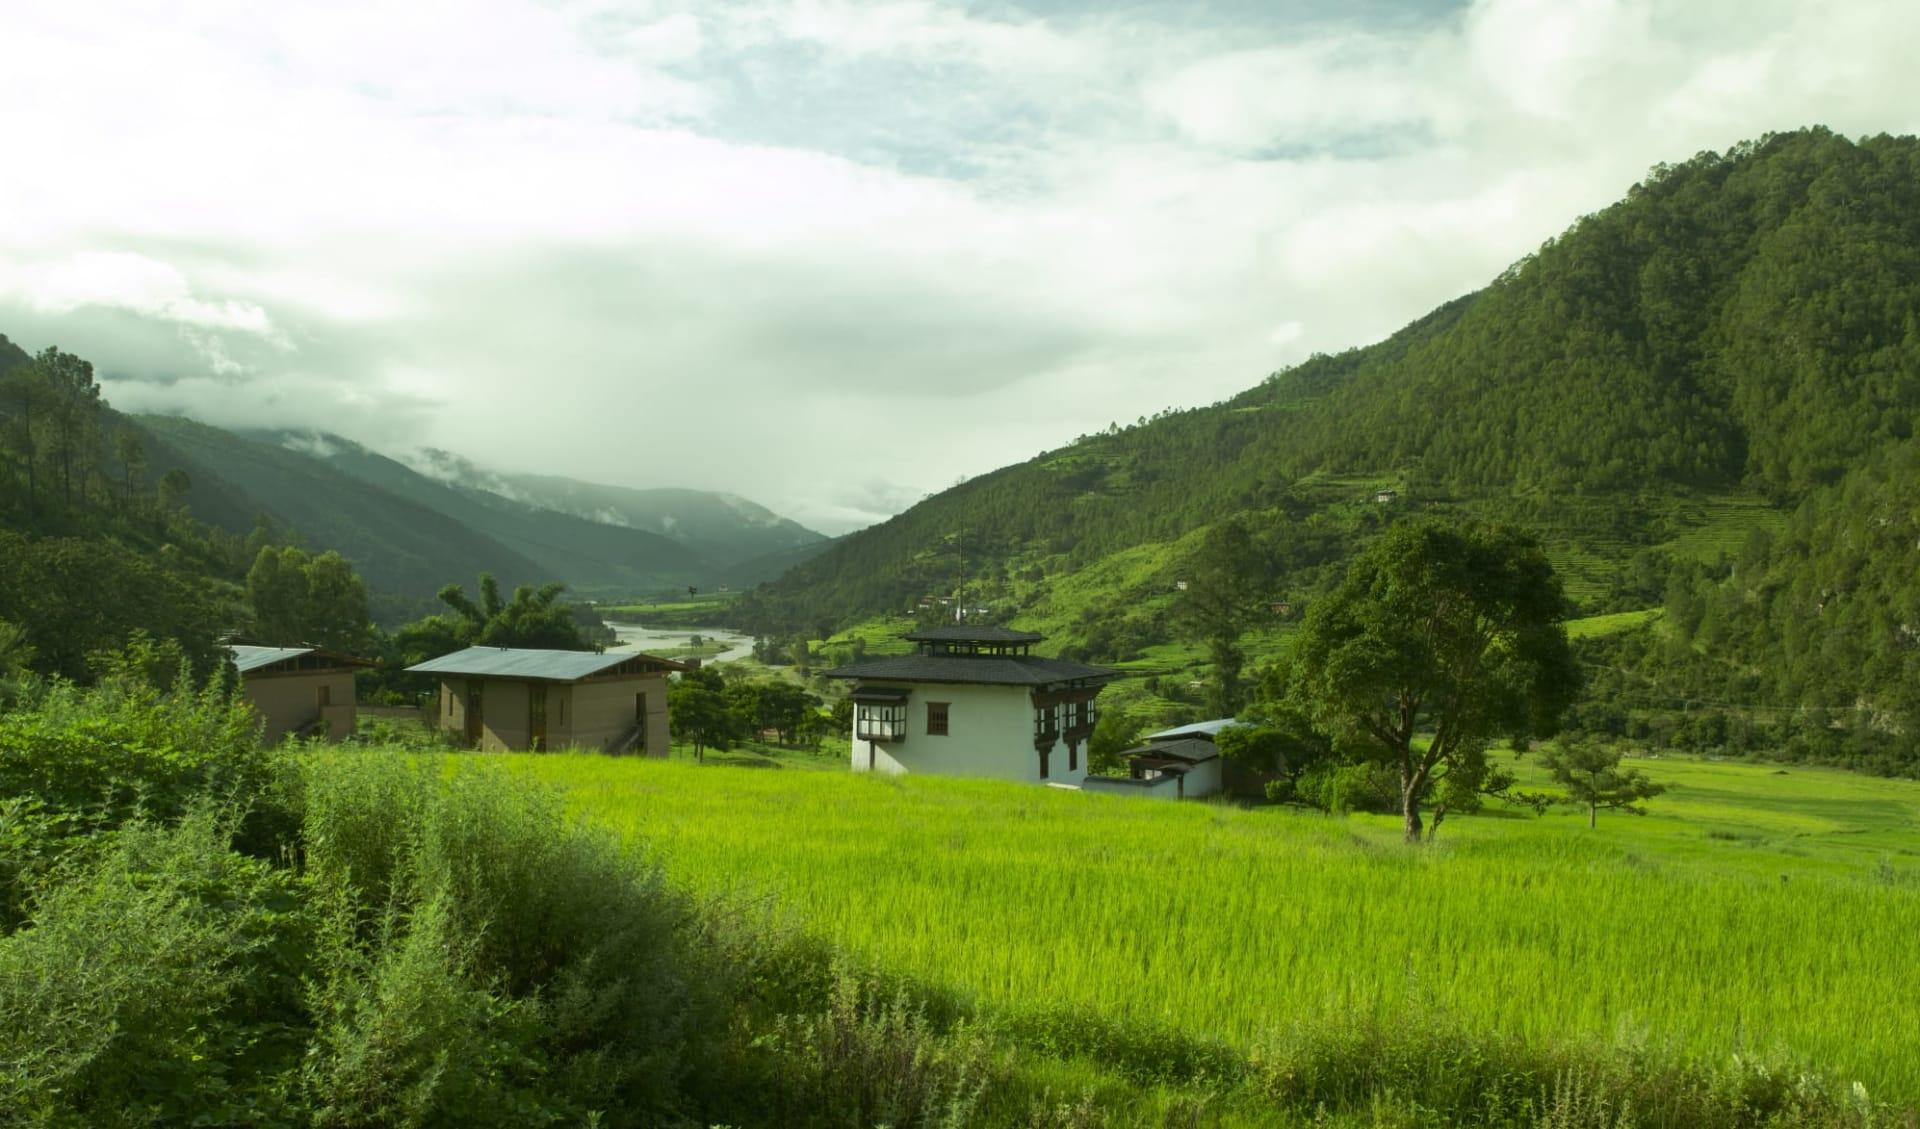 Amankora Bhutan Rundreise ab Paro: Punakha: Amankora